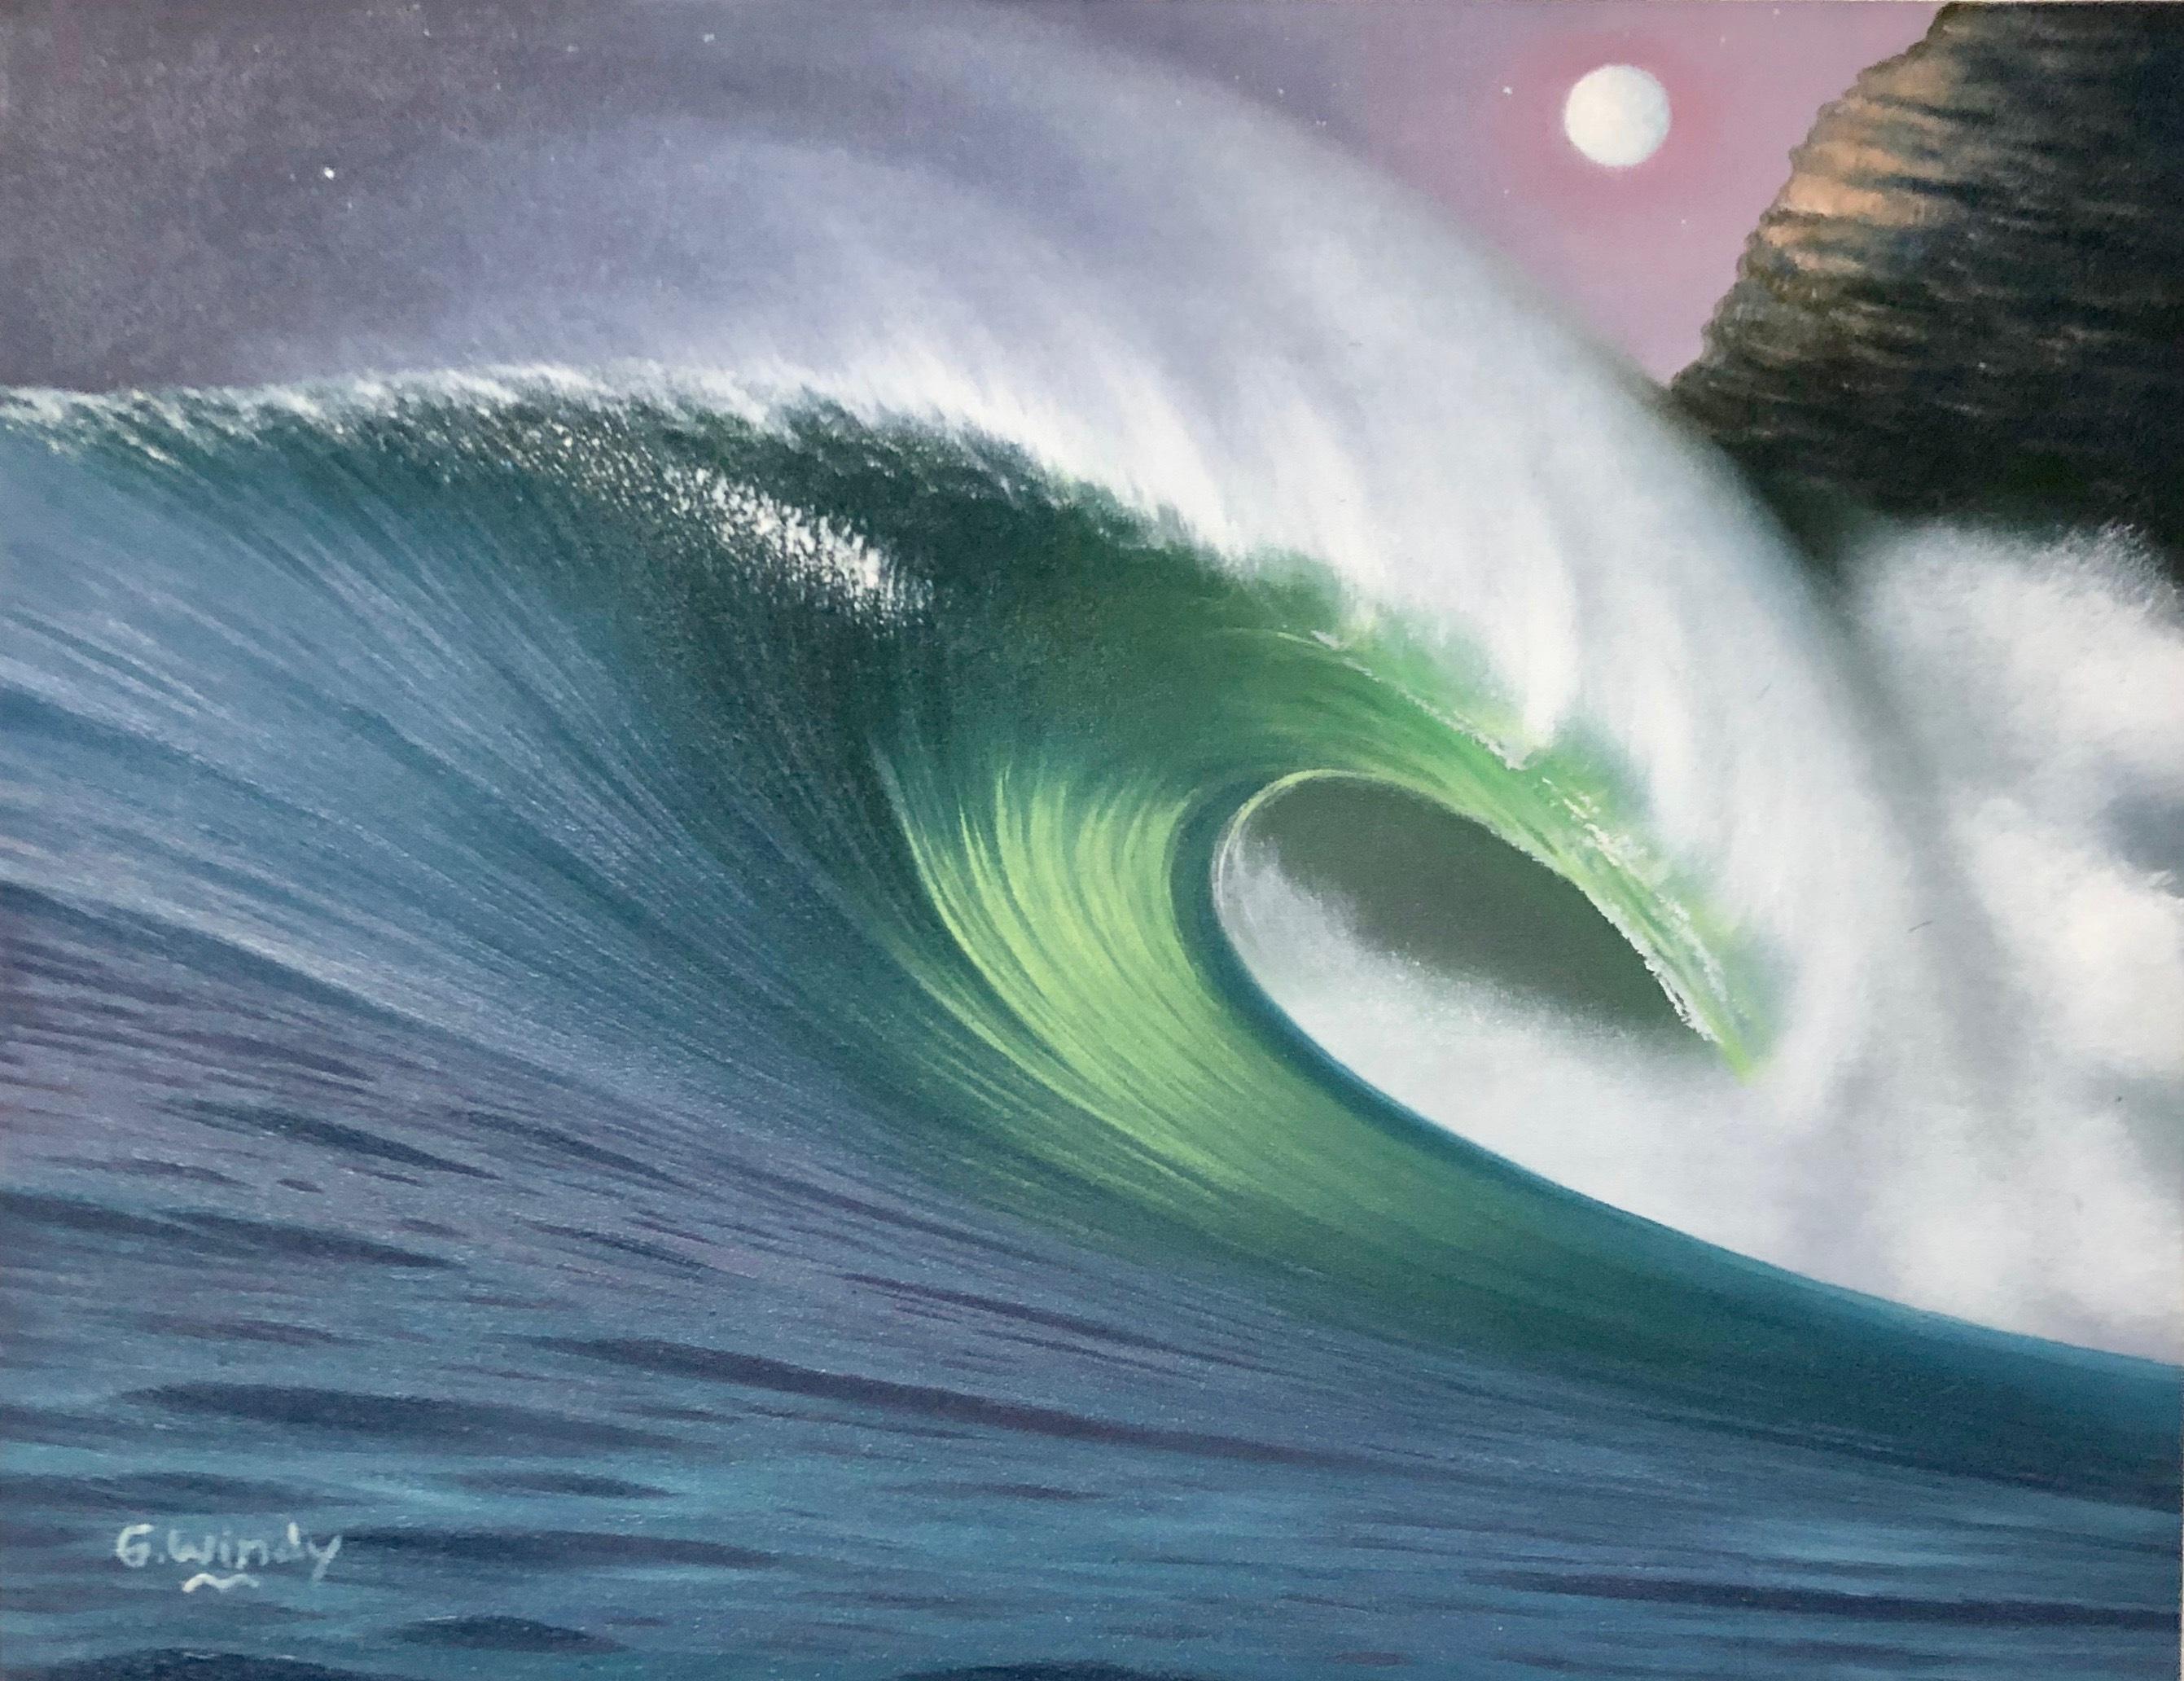 Dreamland Wave Art F6